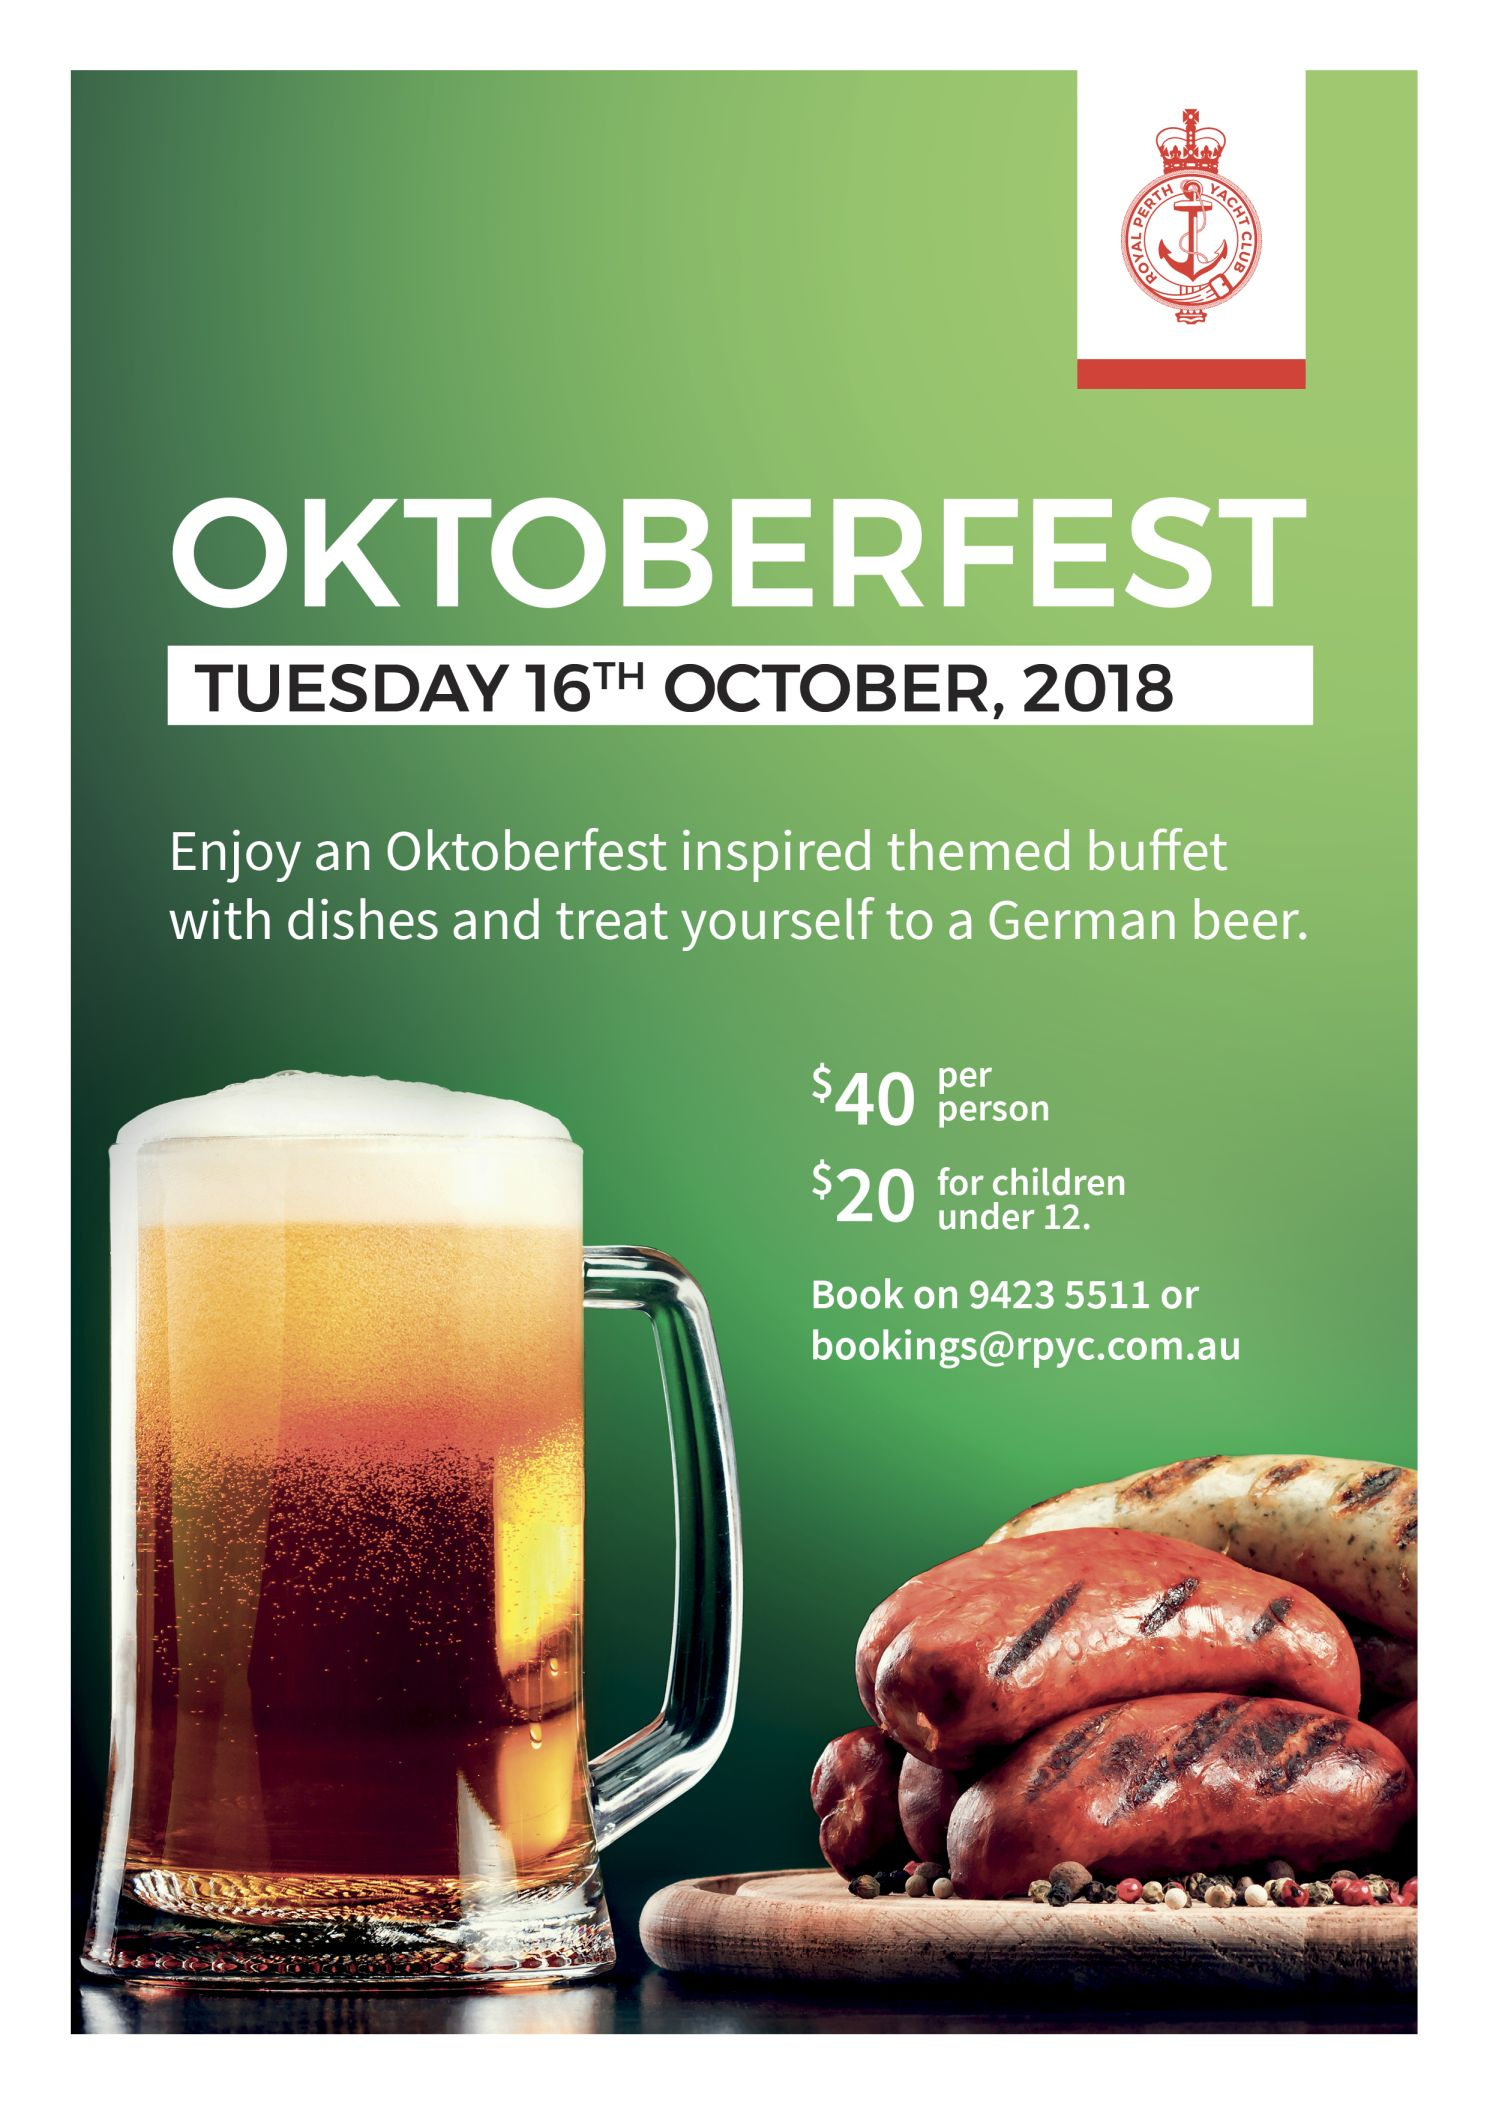 ITW Oct 2018 Oktoberfest